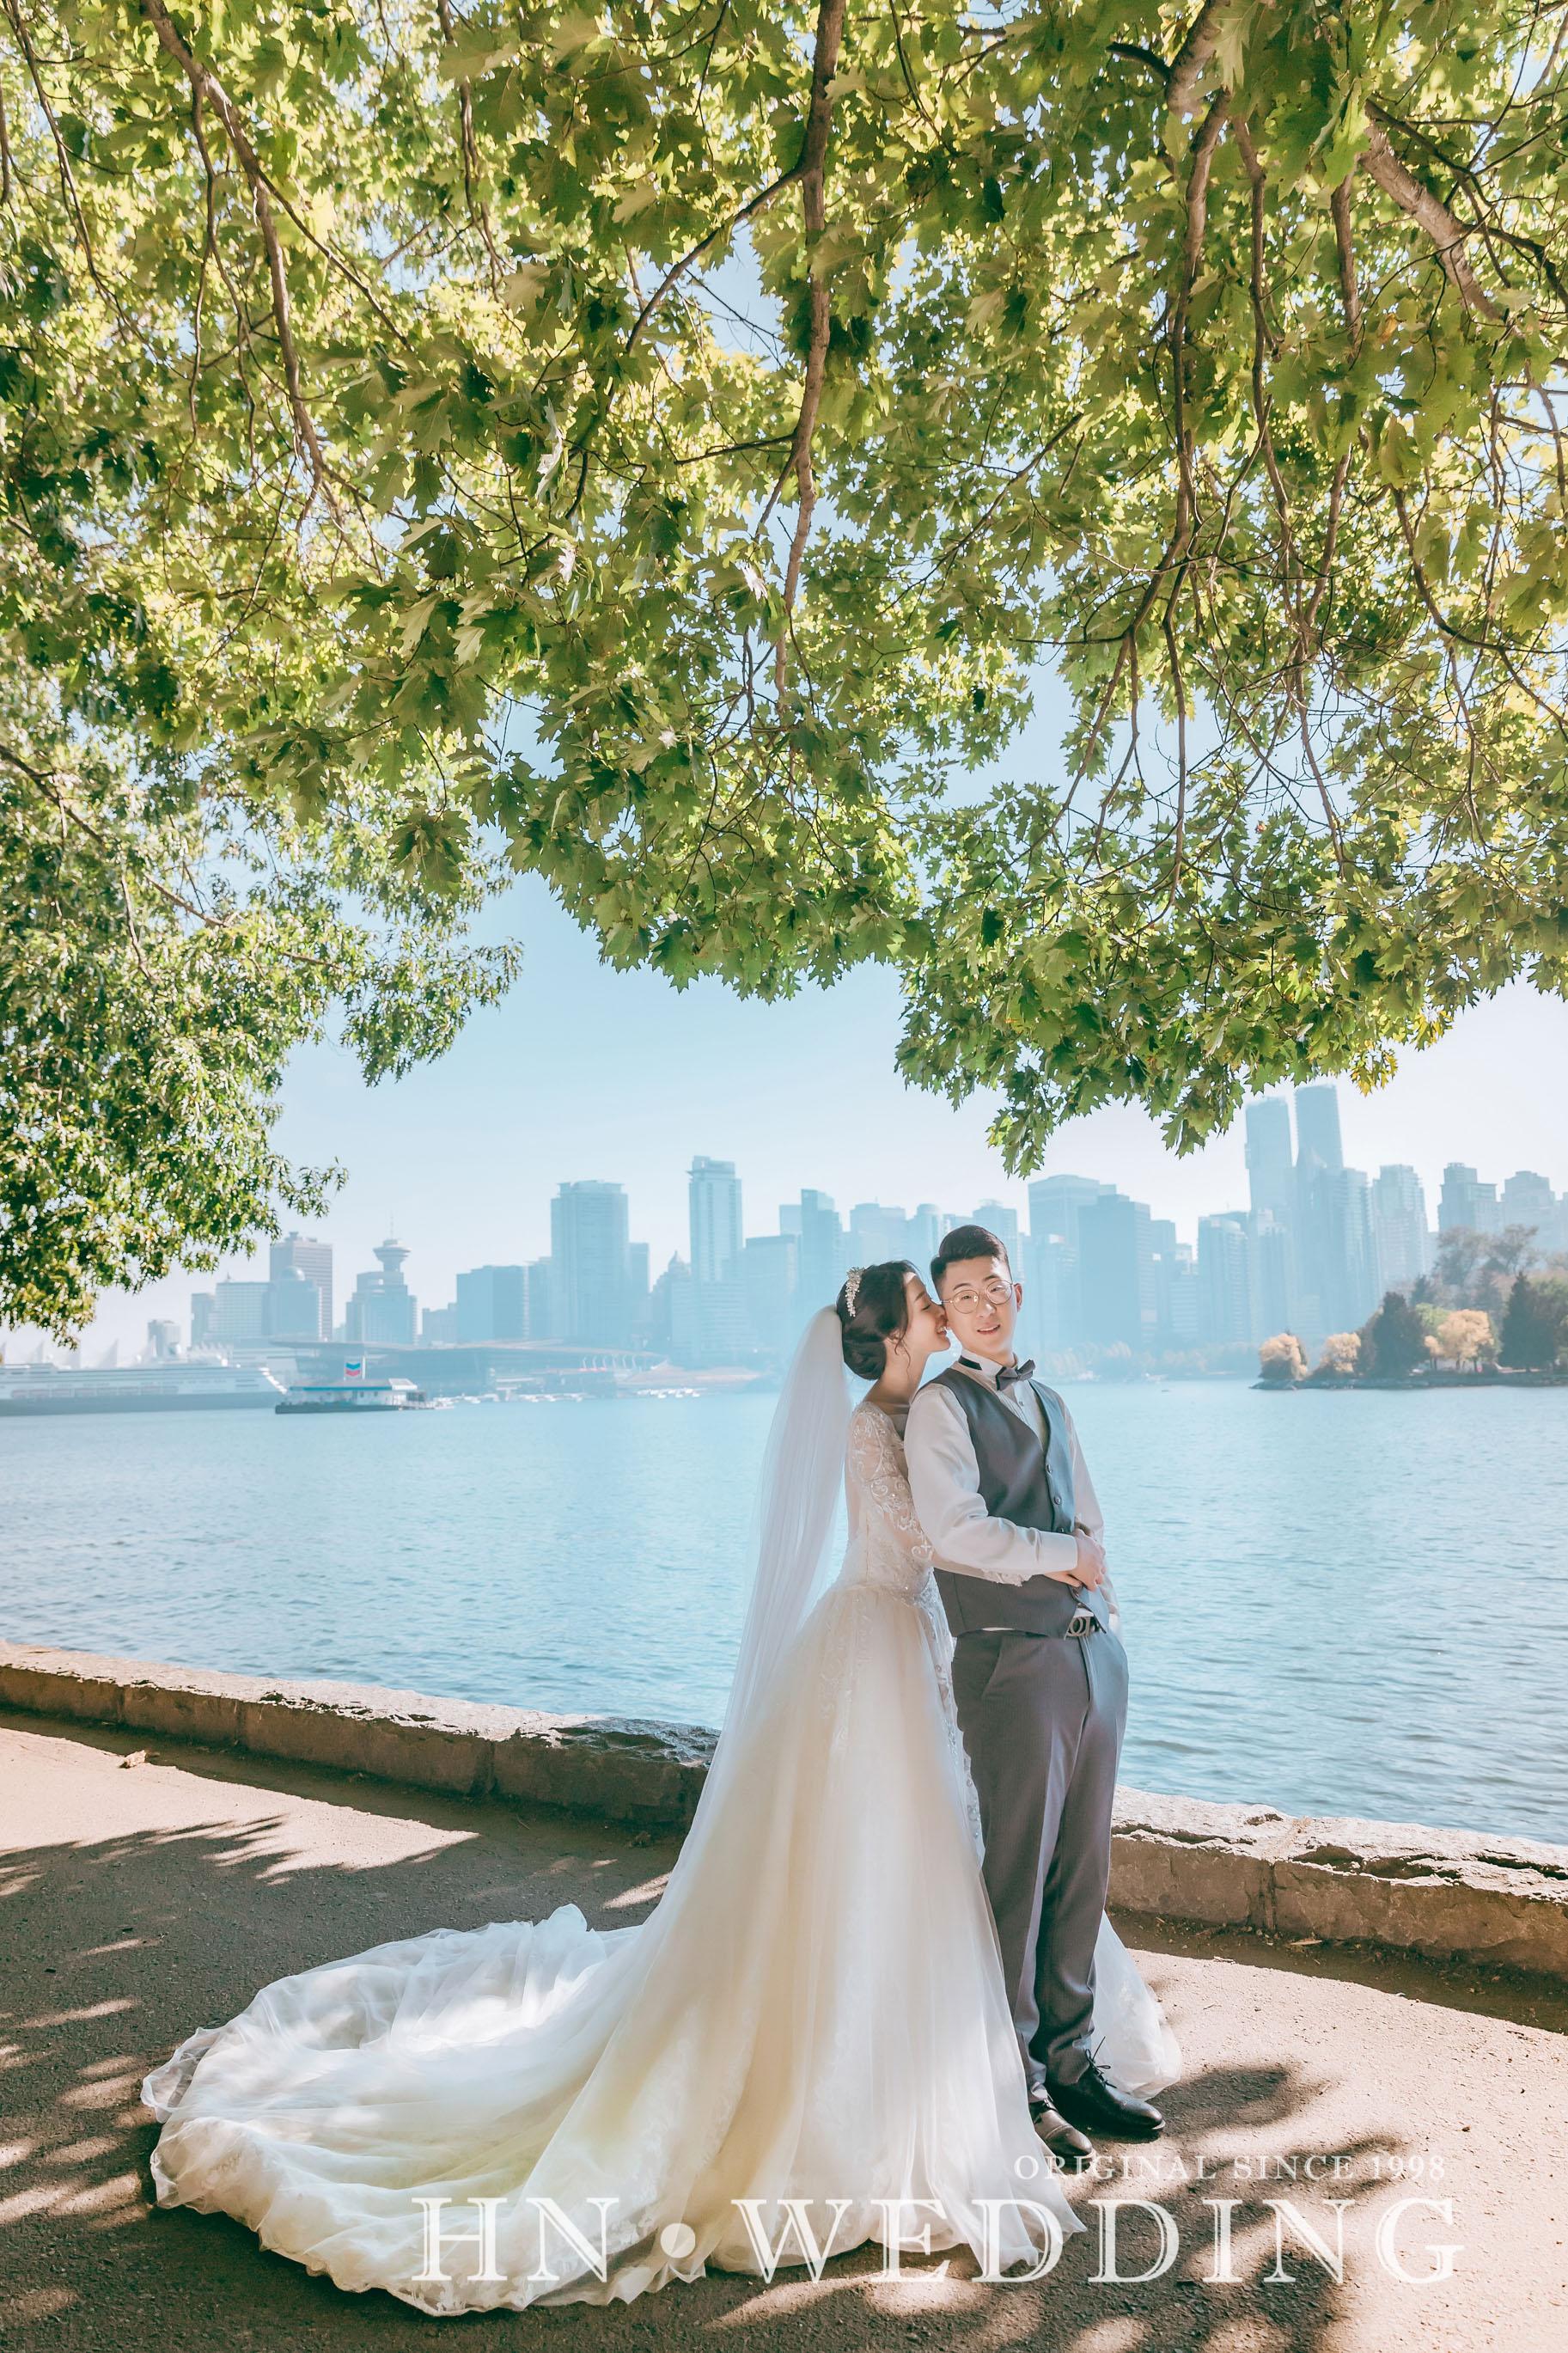 hnweddingprewedding0905--17.jpg